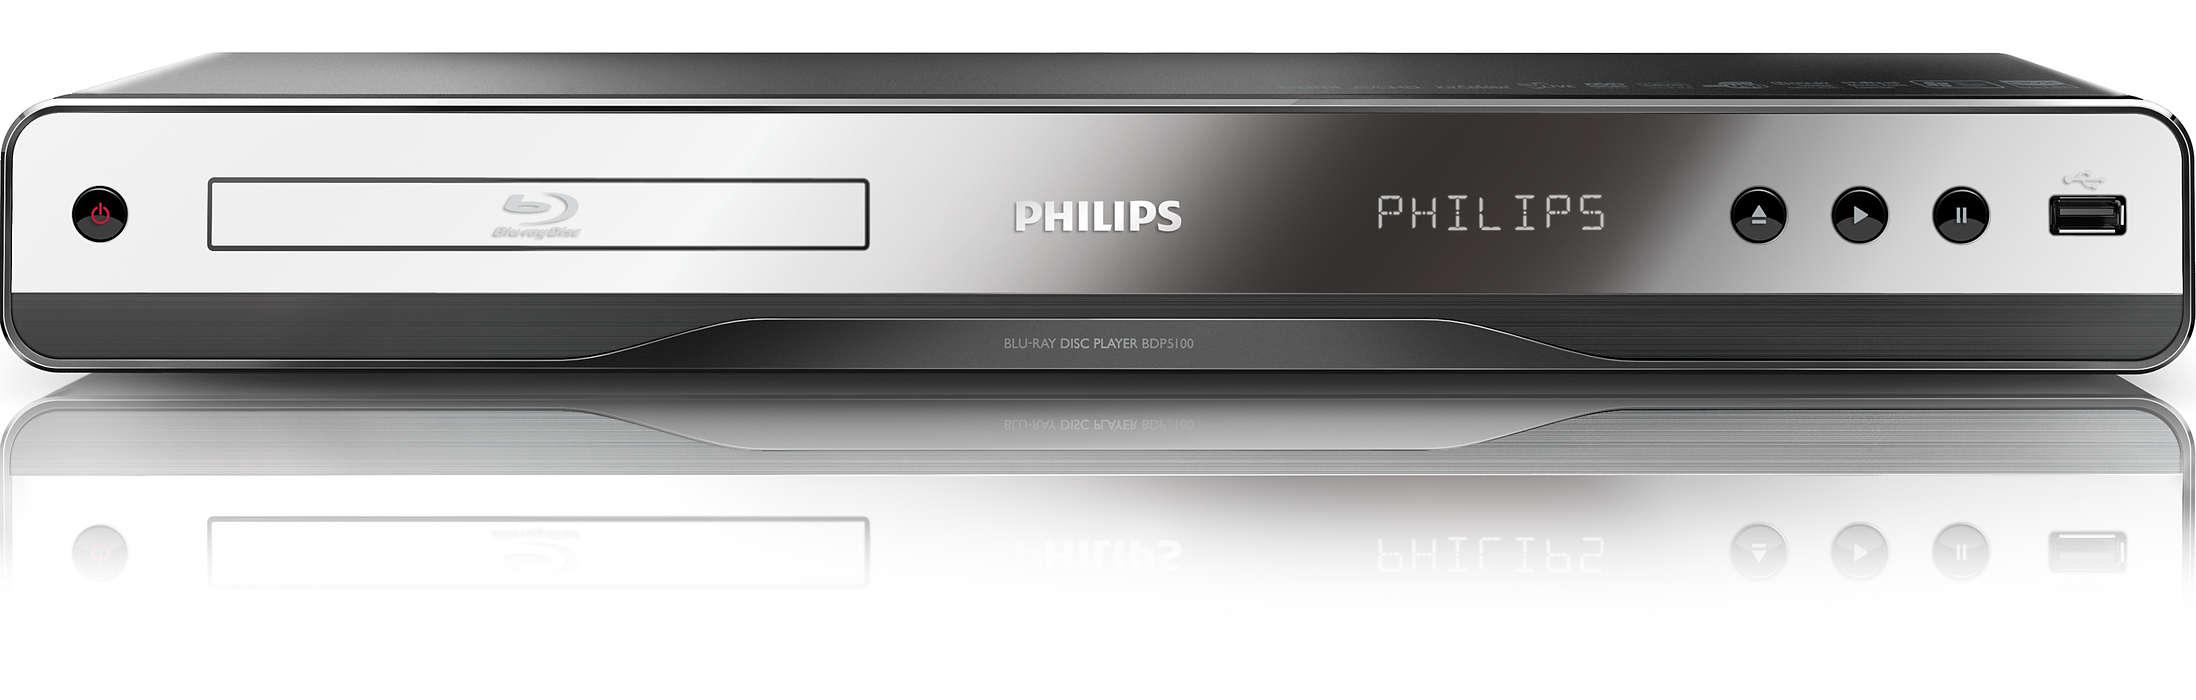 ให้คุณเพลิดเพลินกับ Blu-ray และวิดีโอ PC ที่คุณโปรดปราน